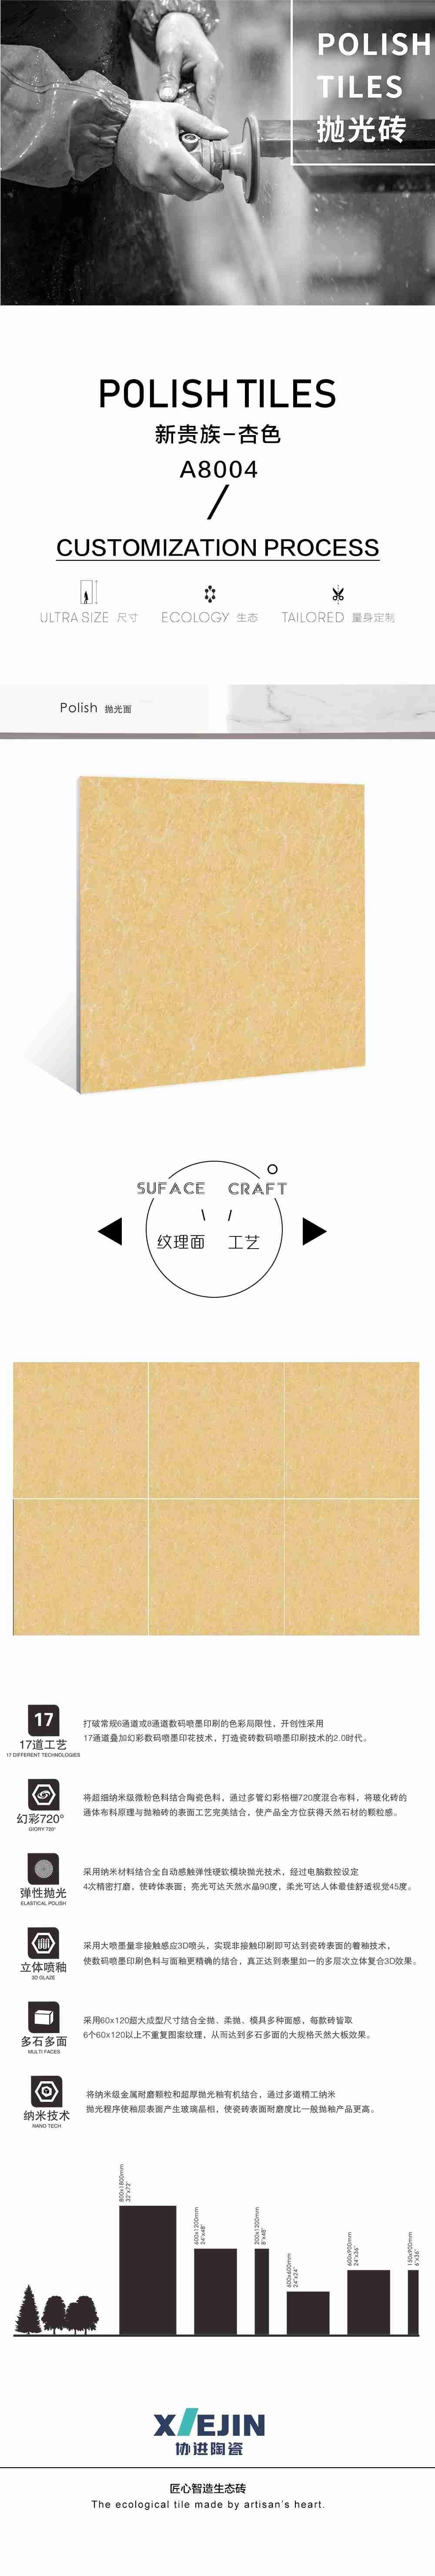 新贵族A8004--17.jpg